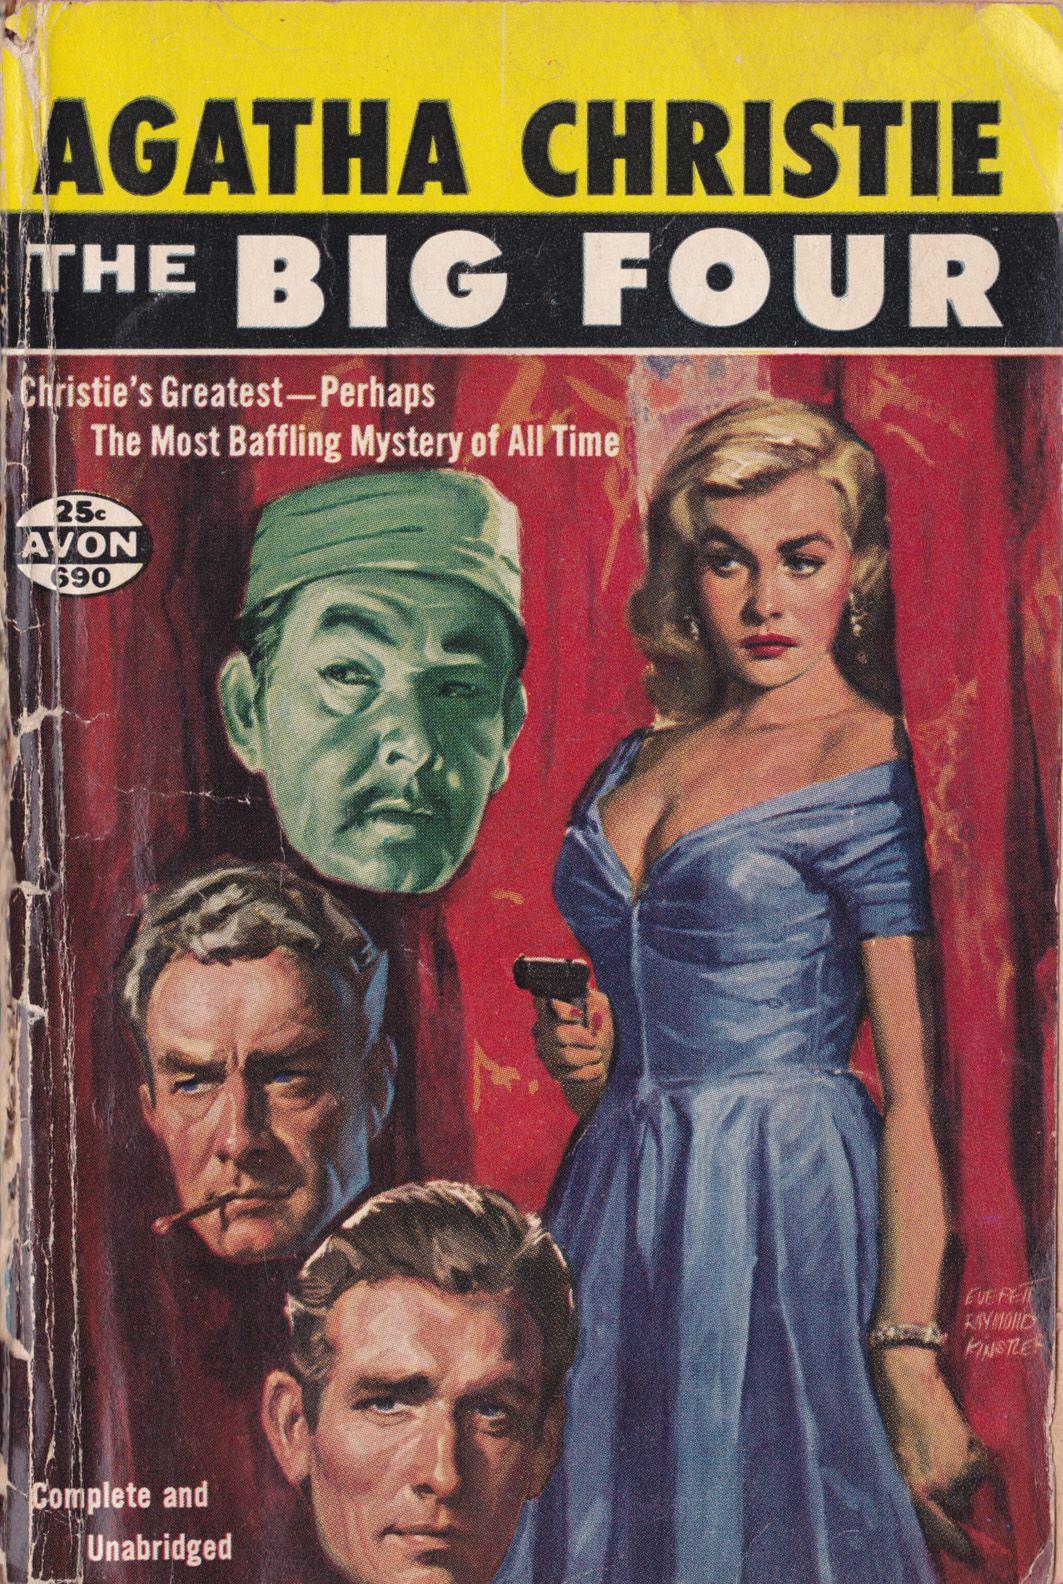 Agatha christie agatha christie the big four agatha